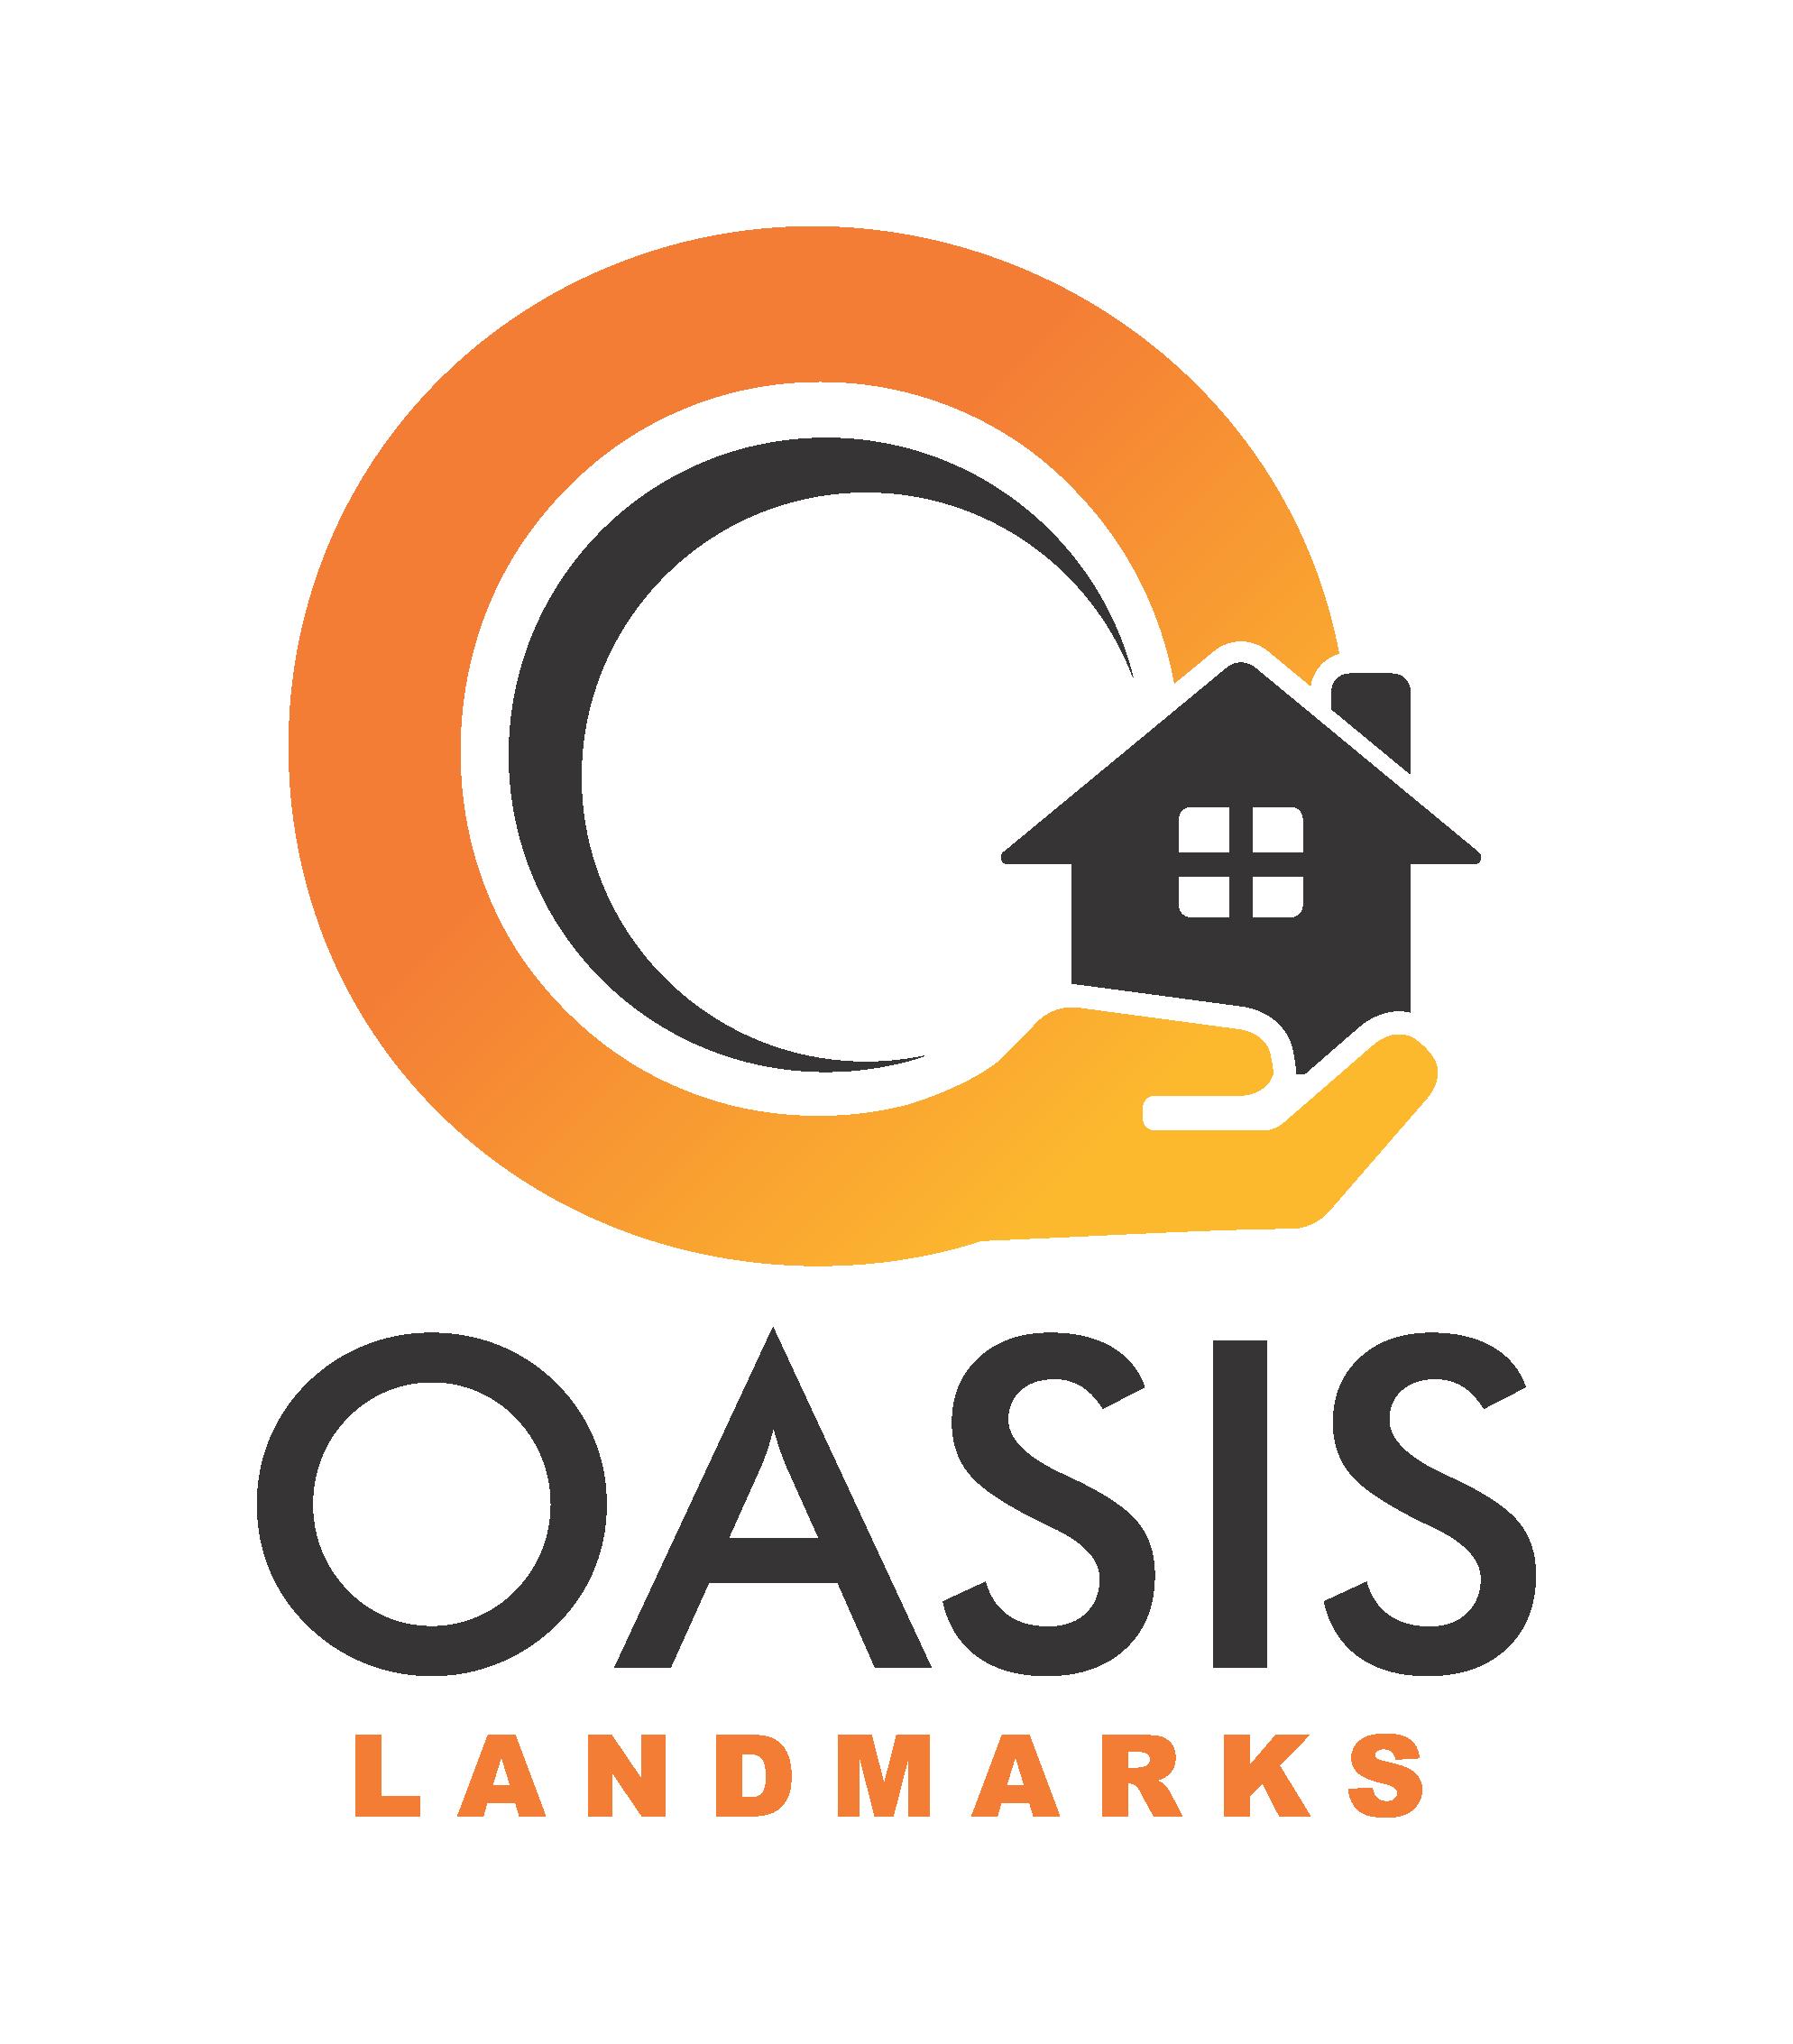 M/s Oasis Landmark